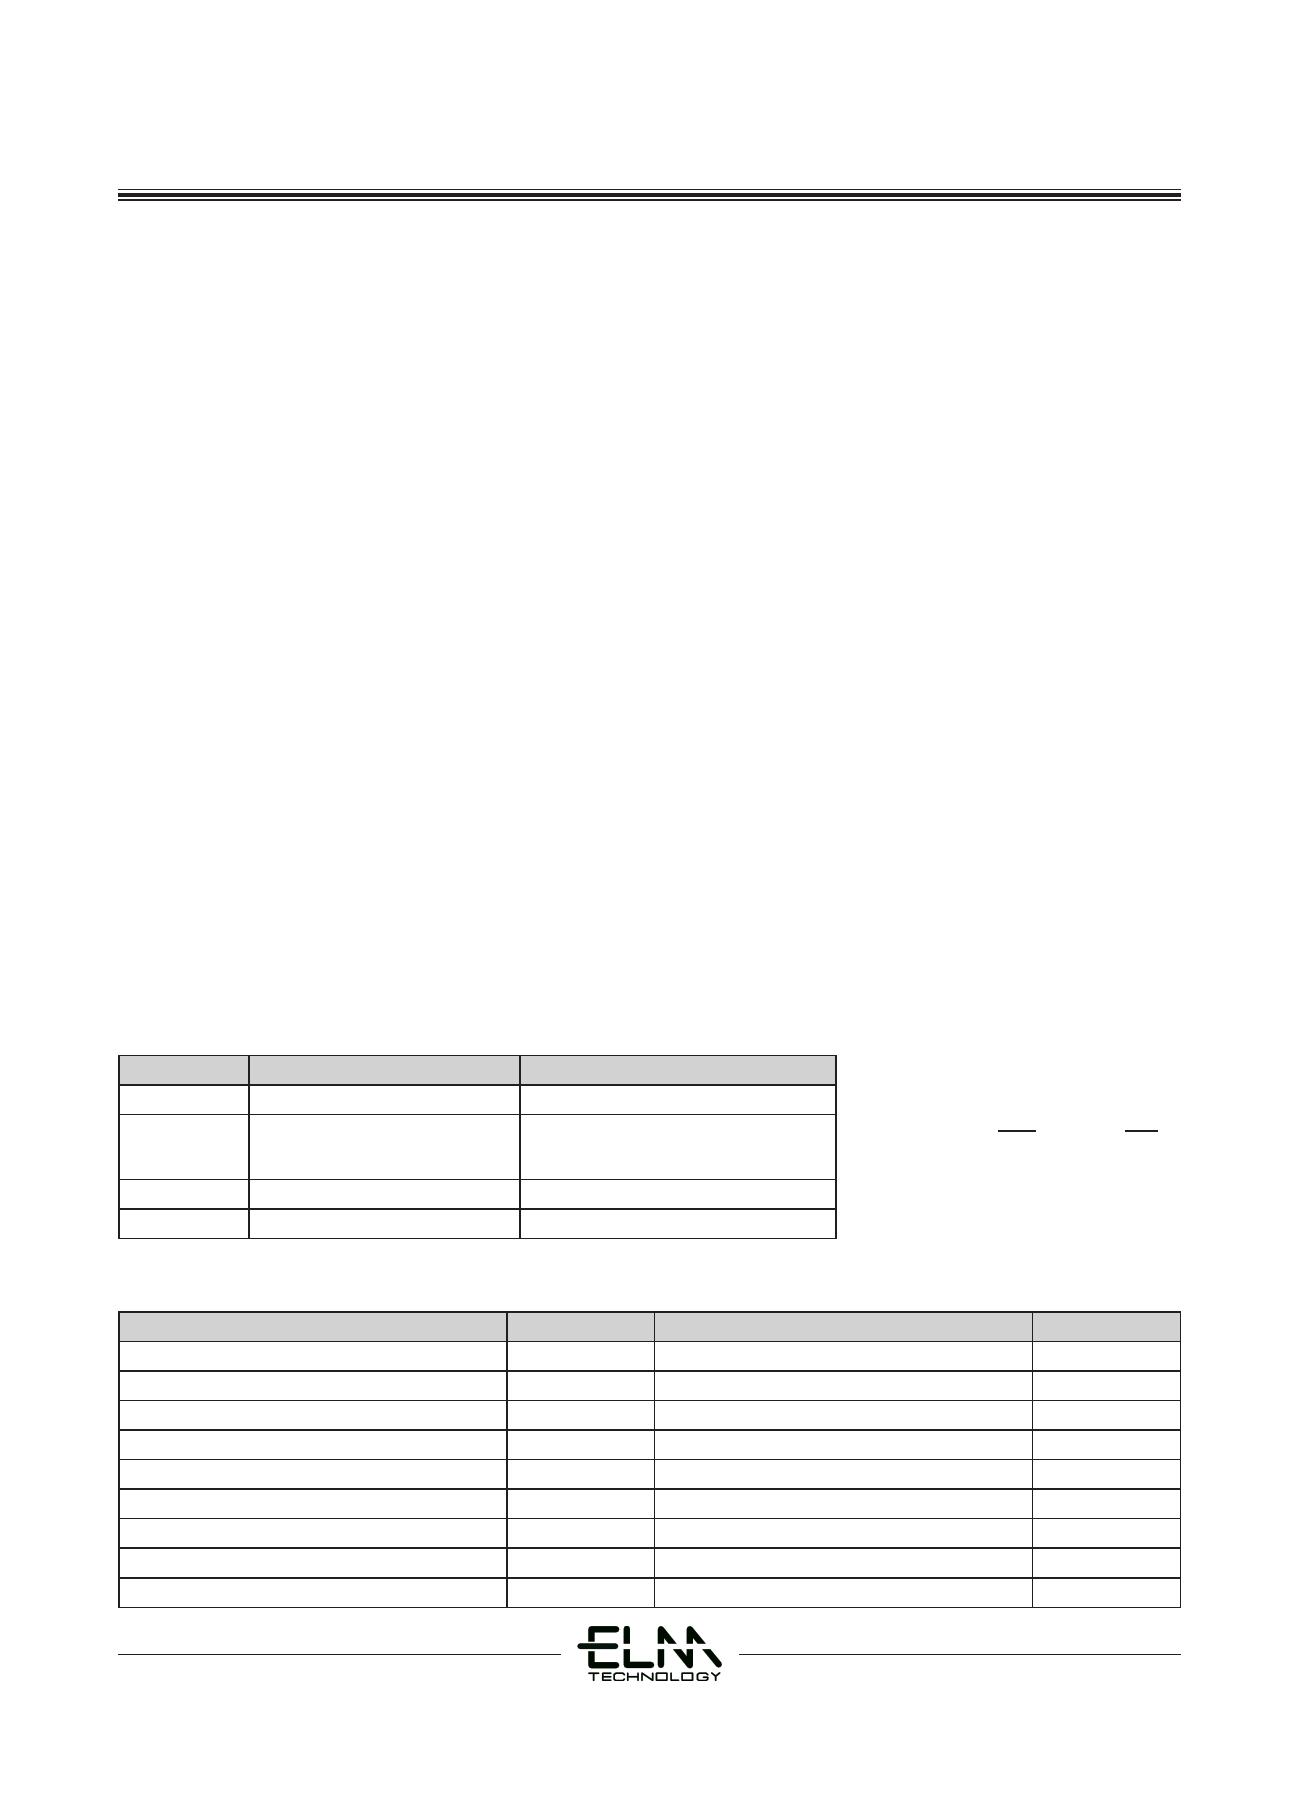 ELM7SH126TA Datasheet, ELM7SH126TA PDF,ピン配置, 機能